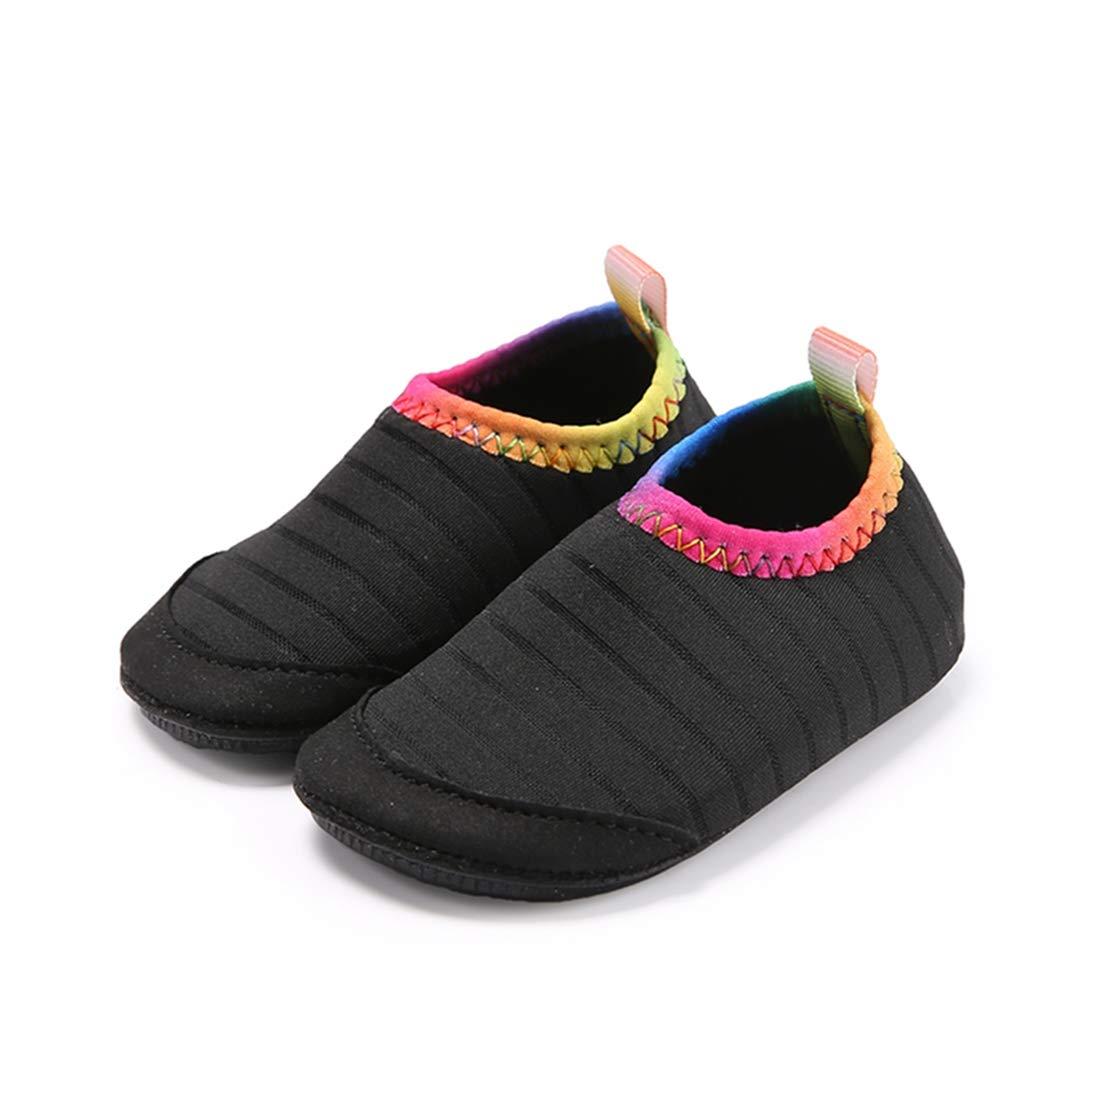 089648cc Laiwodun Zapatos Agua Natación niño Bebe Descalzo Calcetine product image